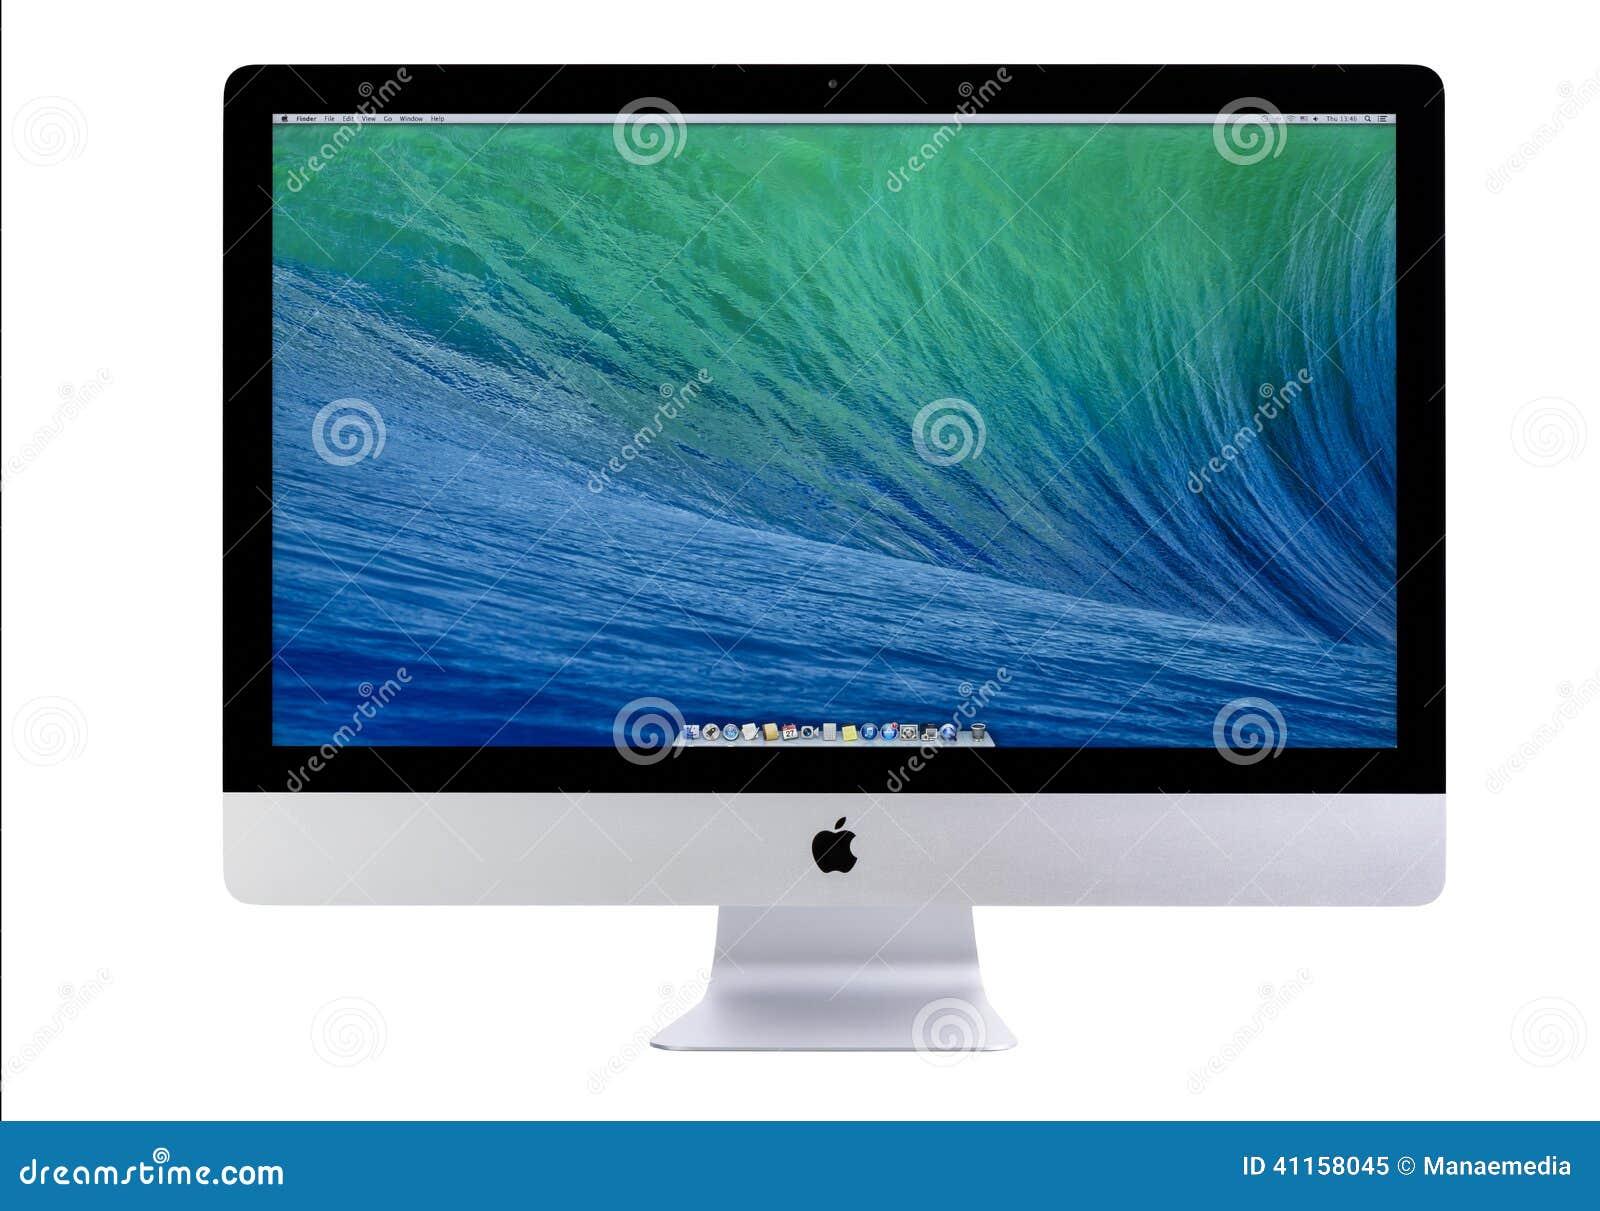 Nowy iMac 27 Z OS X indywidualistami